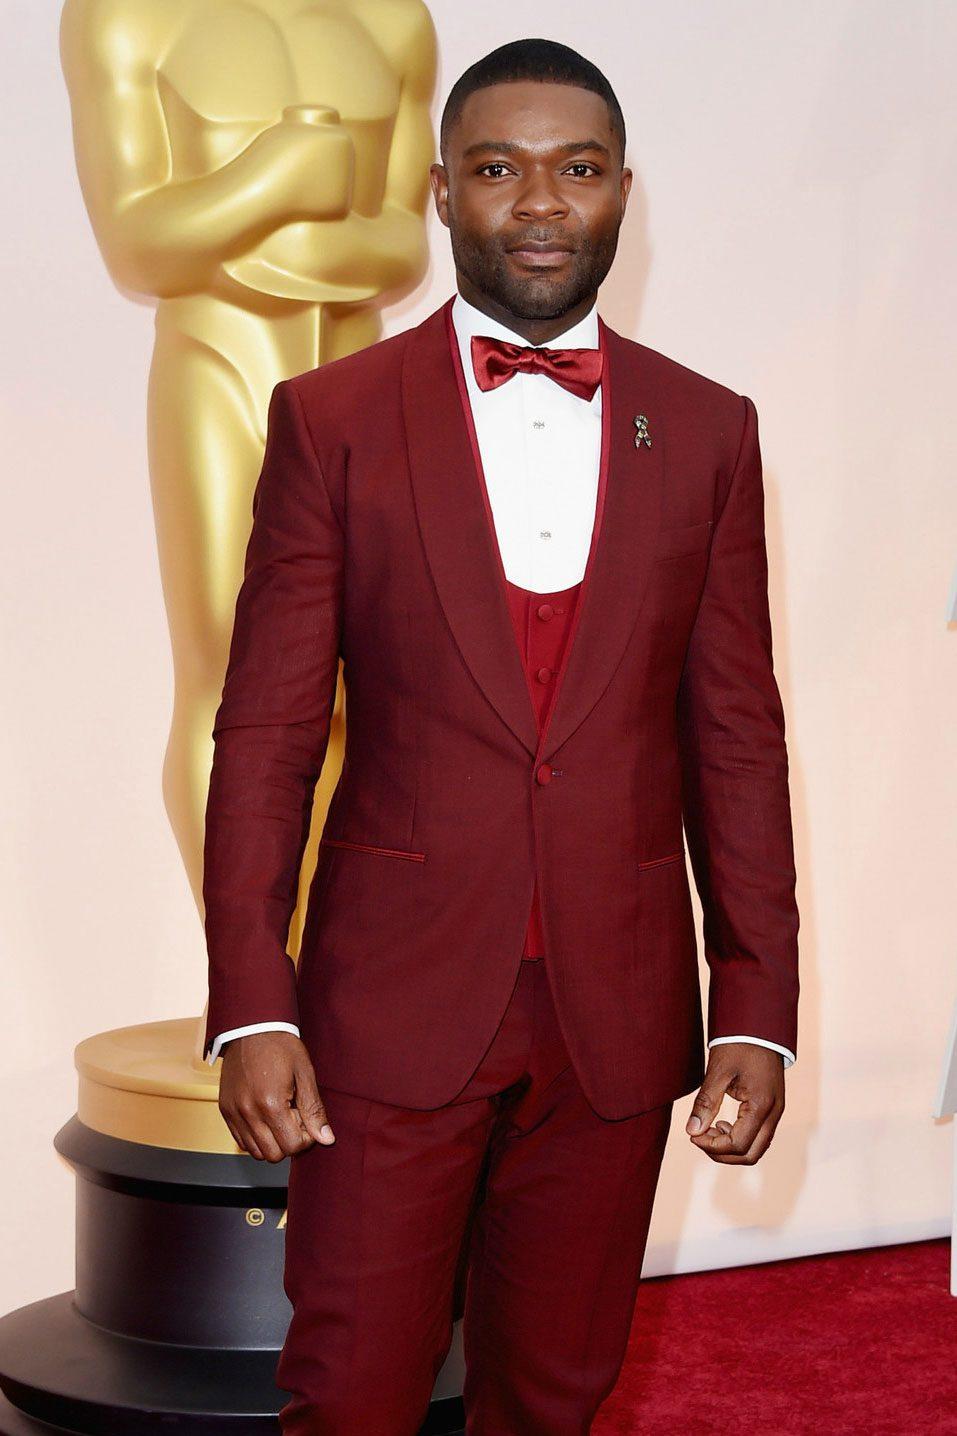 Mens Suits, Suits, Custom suit, suits, mtm suit, bespoke suits, tailored Suits, ready made suit